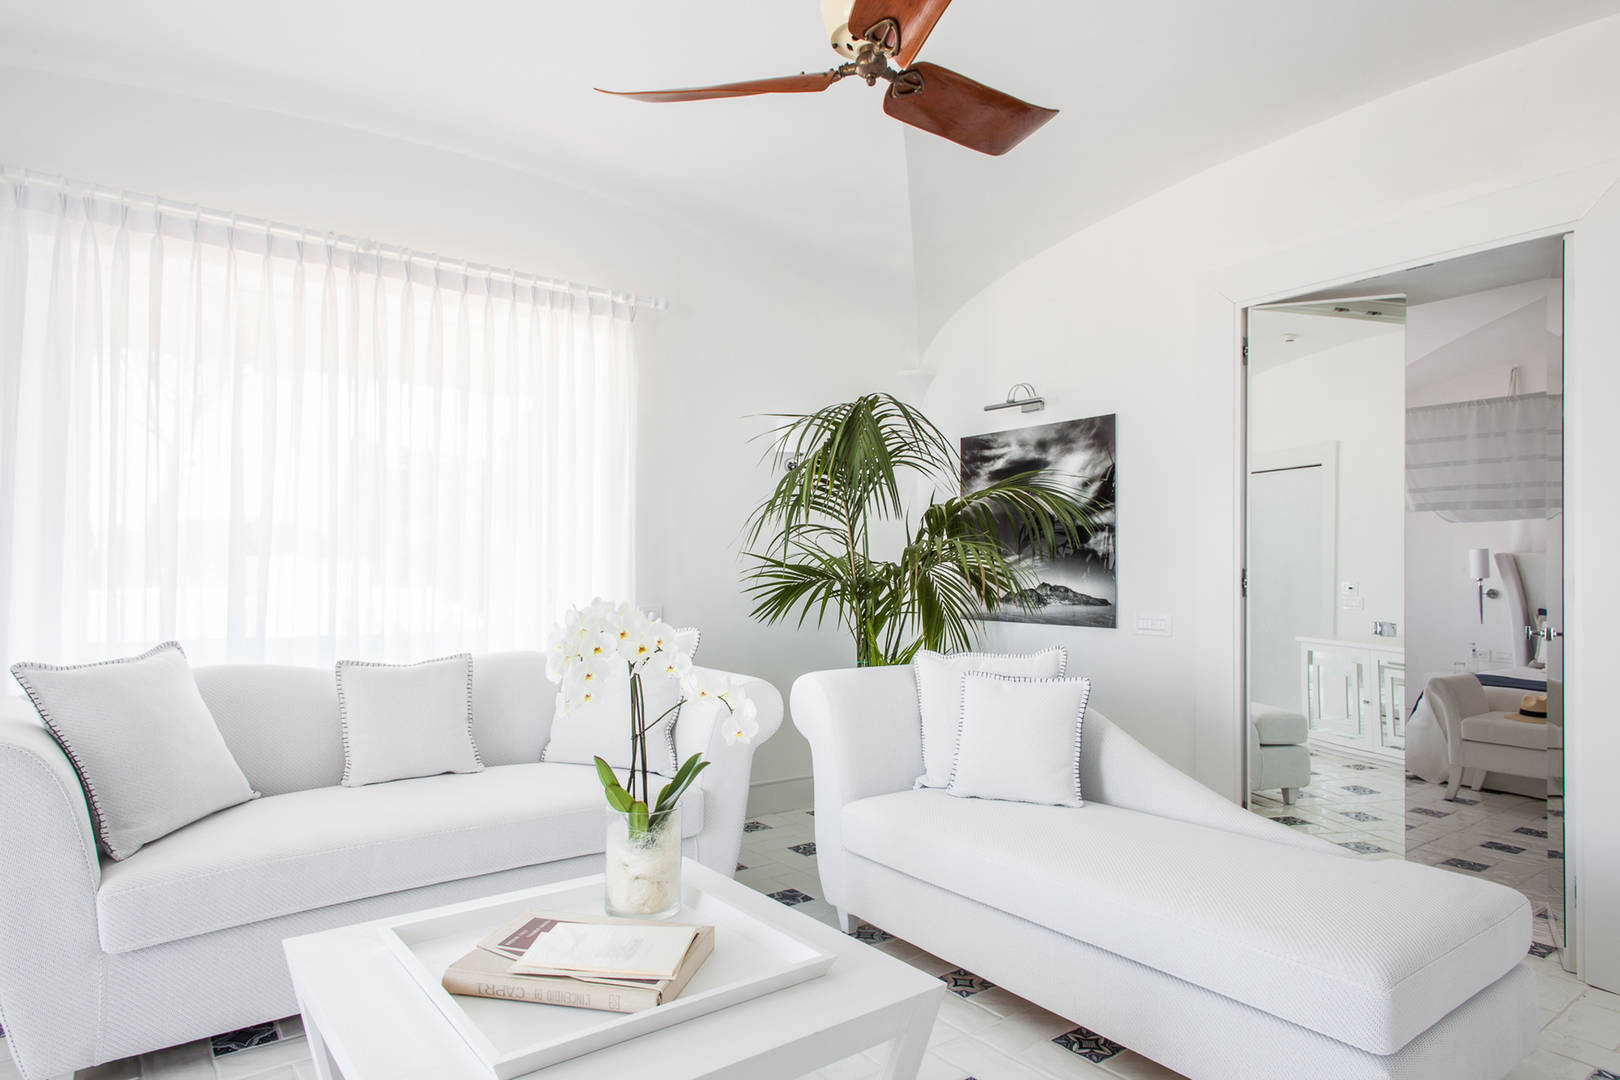 Capritouch Executive Livingroom